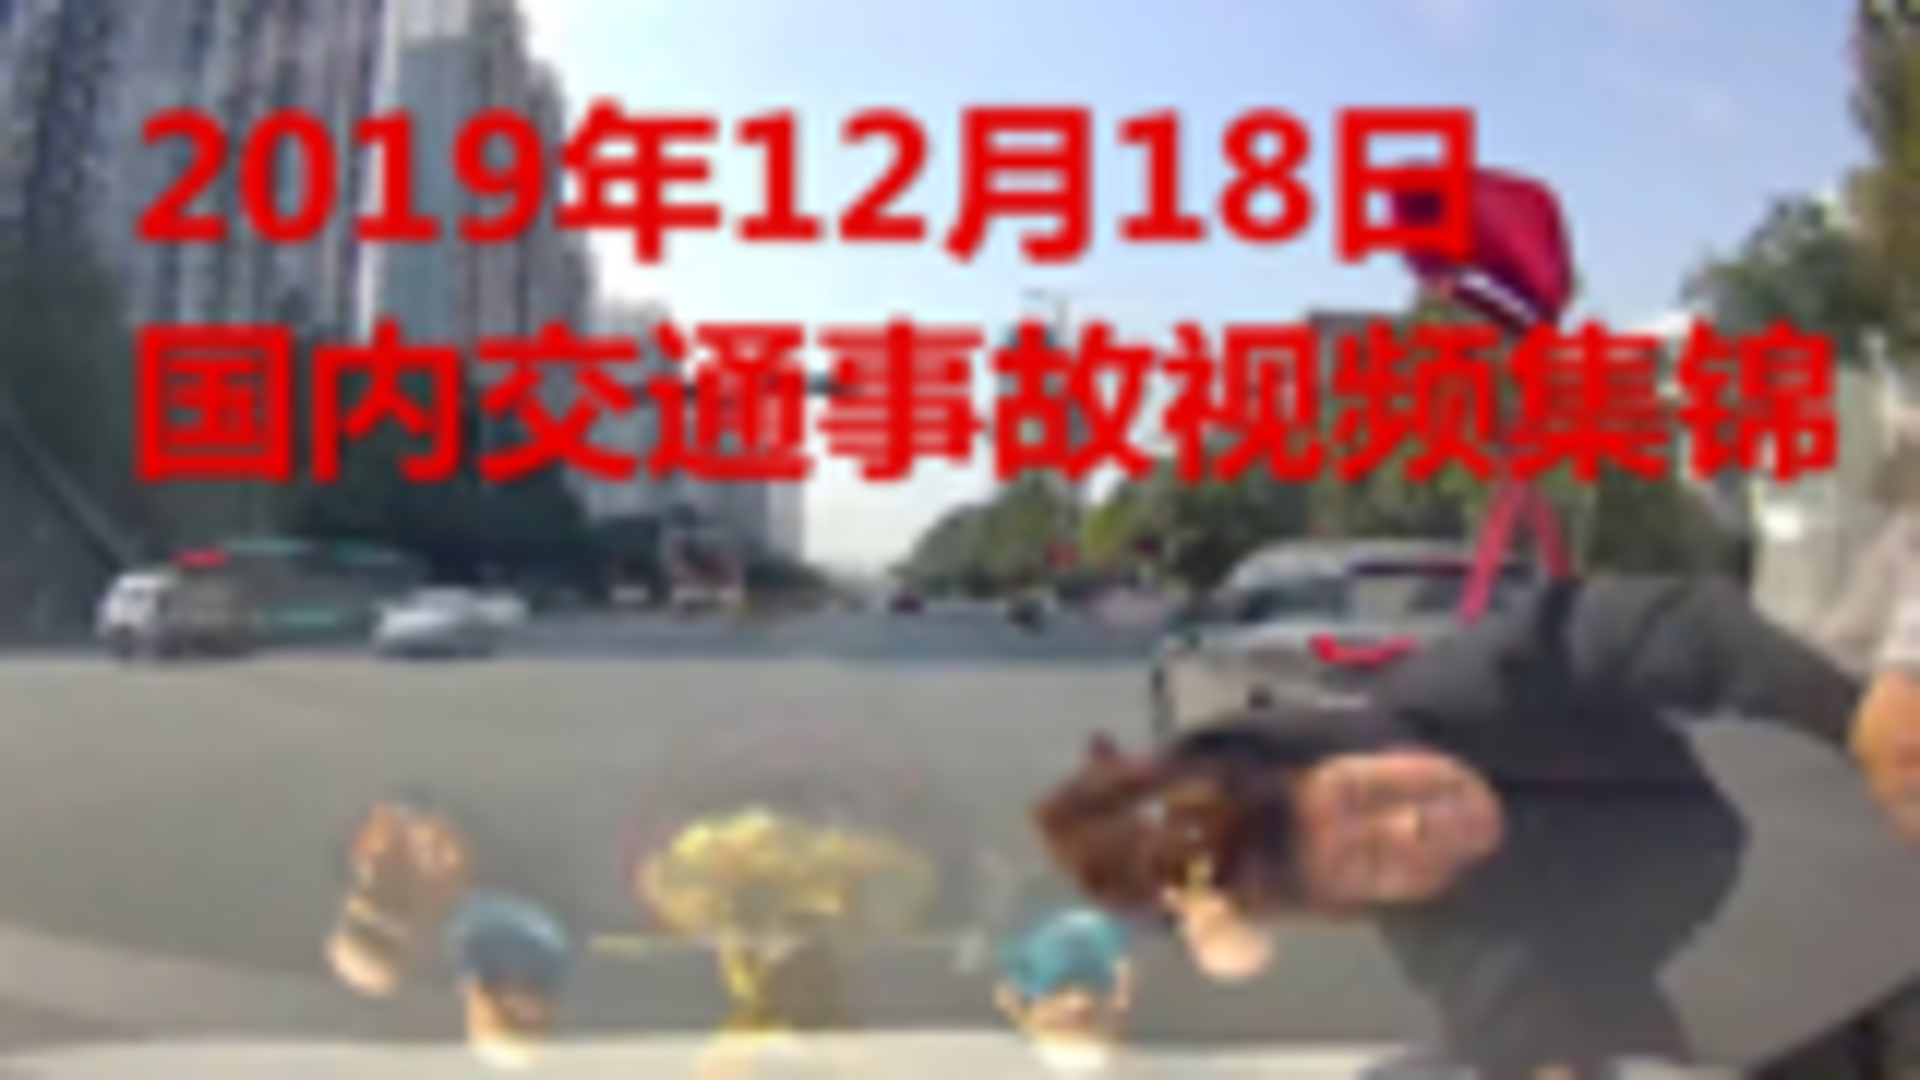 2019年12月18日国内交通事故视频集锦